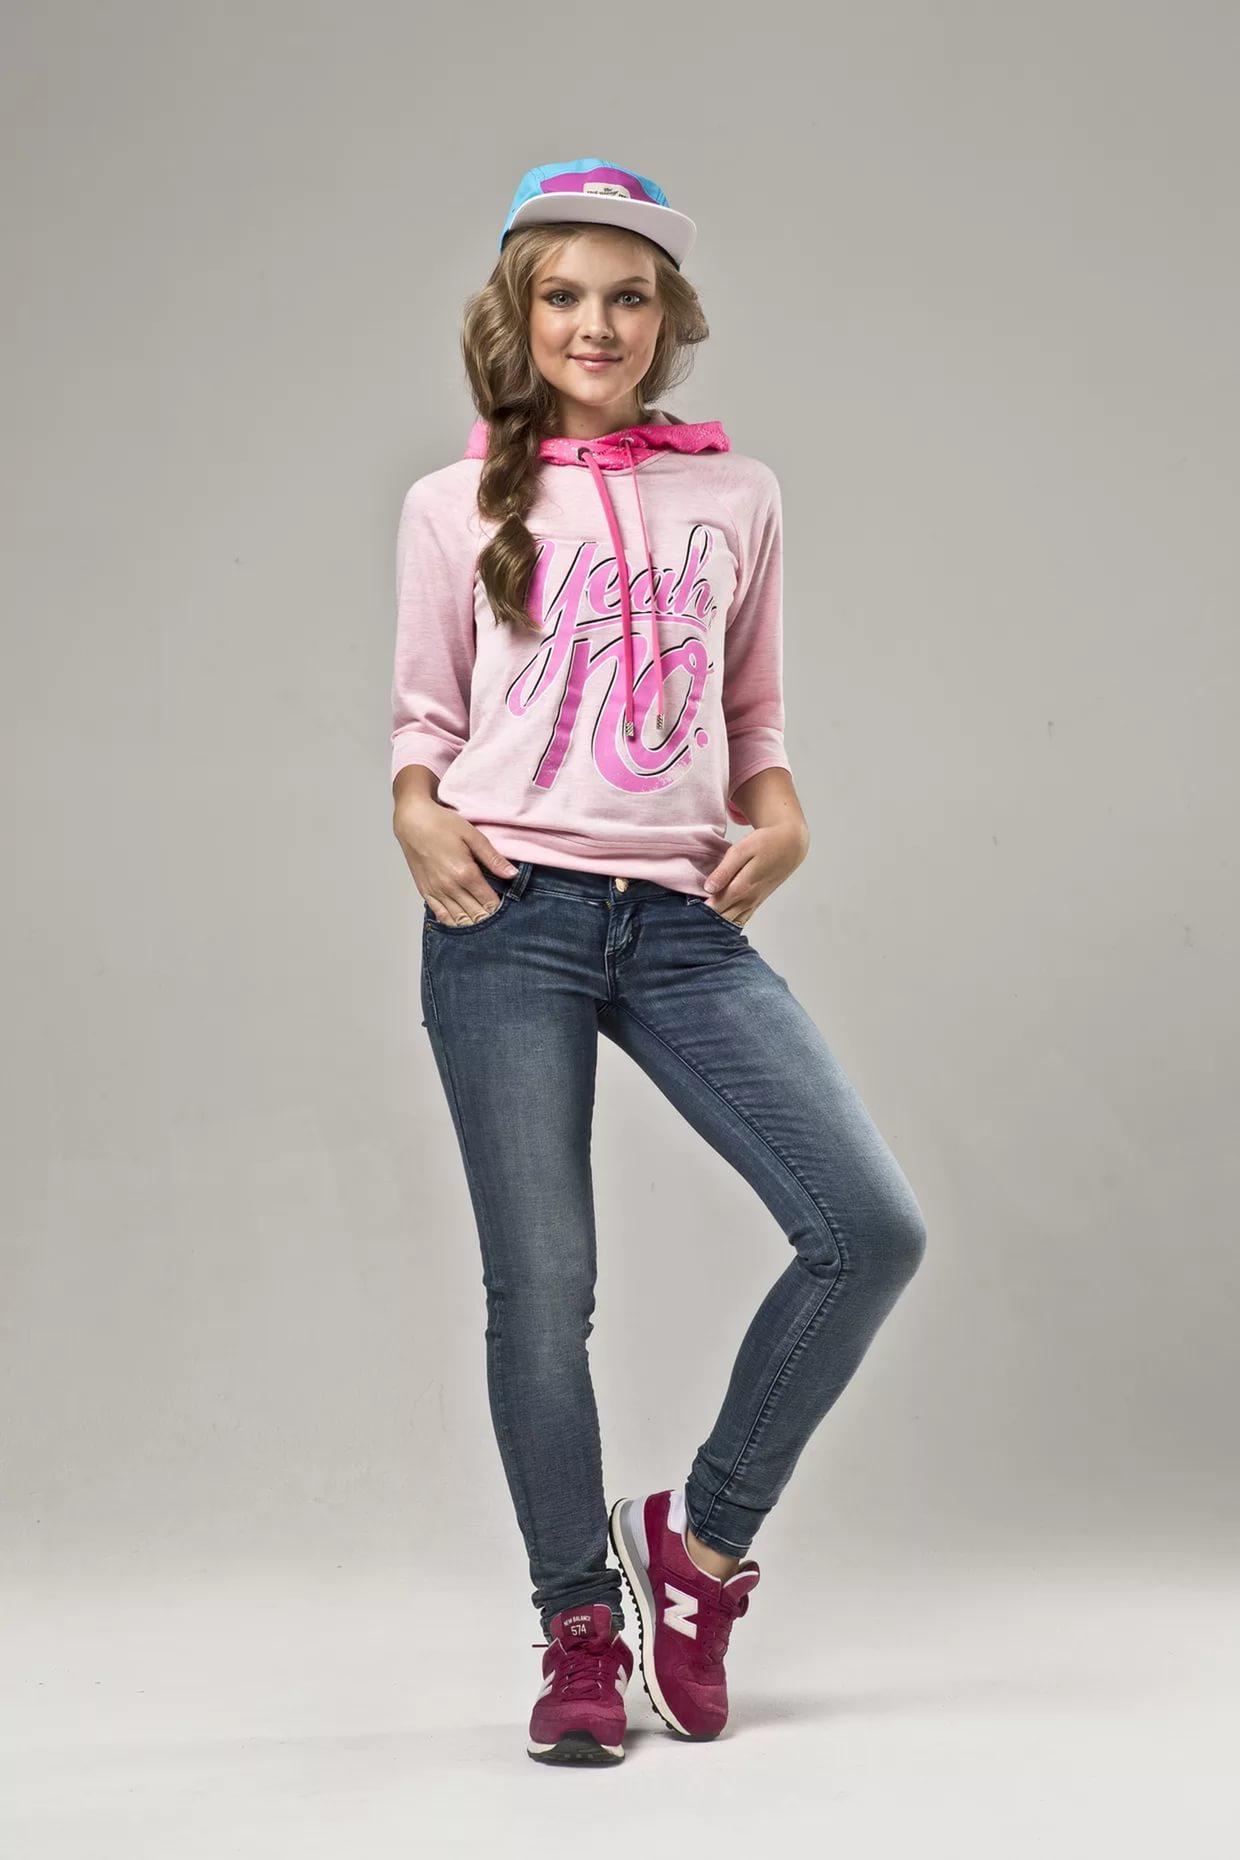 fb54b19ae27d Модная одежда для девочек 11 лет (45 фото)  красивые крутые модели ...